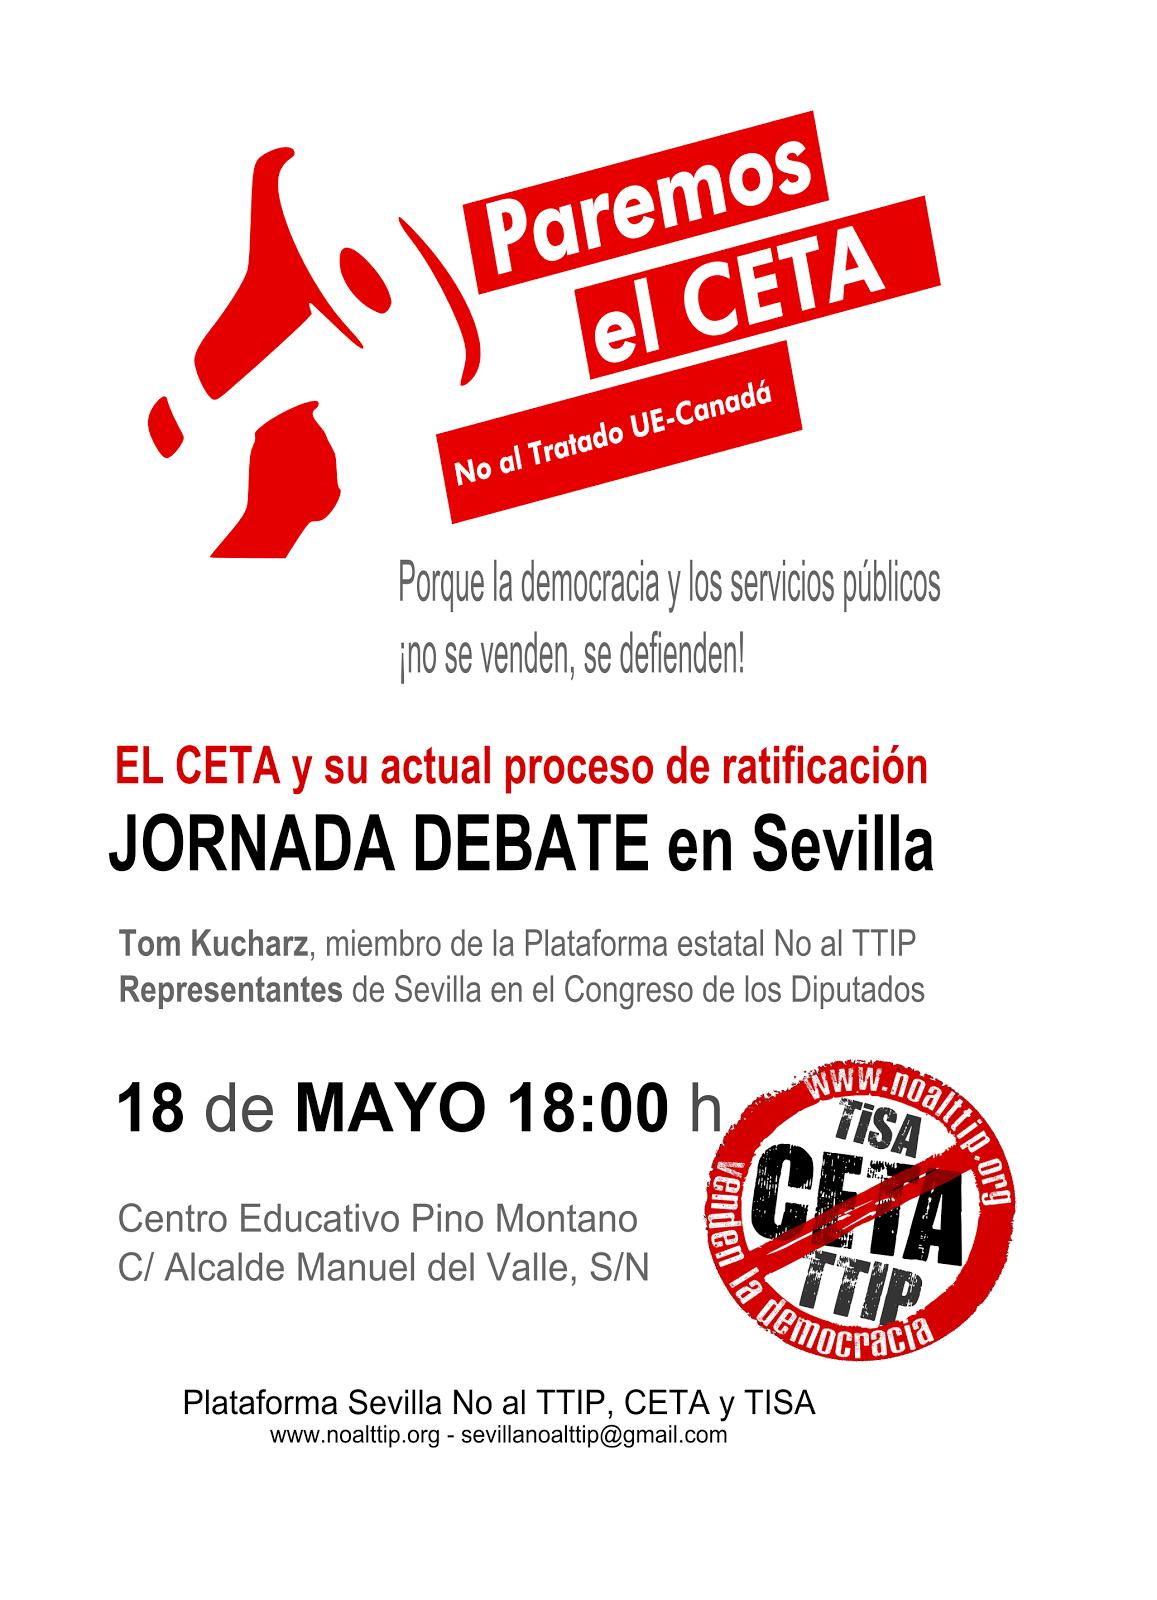 Jueves 18,18H. JORNADA DEBATE: El CETA y su actual proceso de ratificación en el Congreso español.